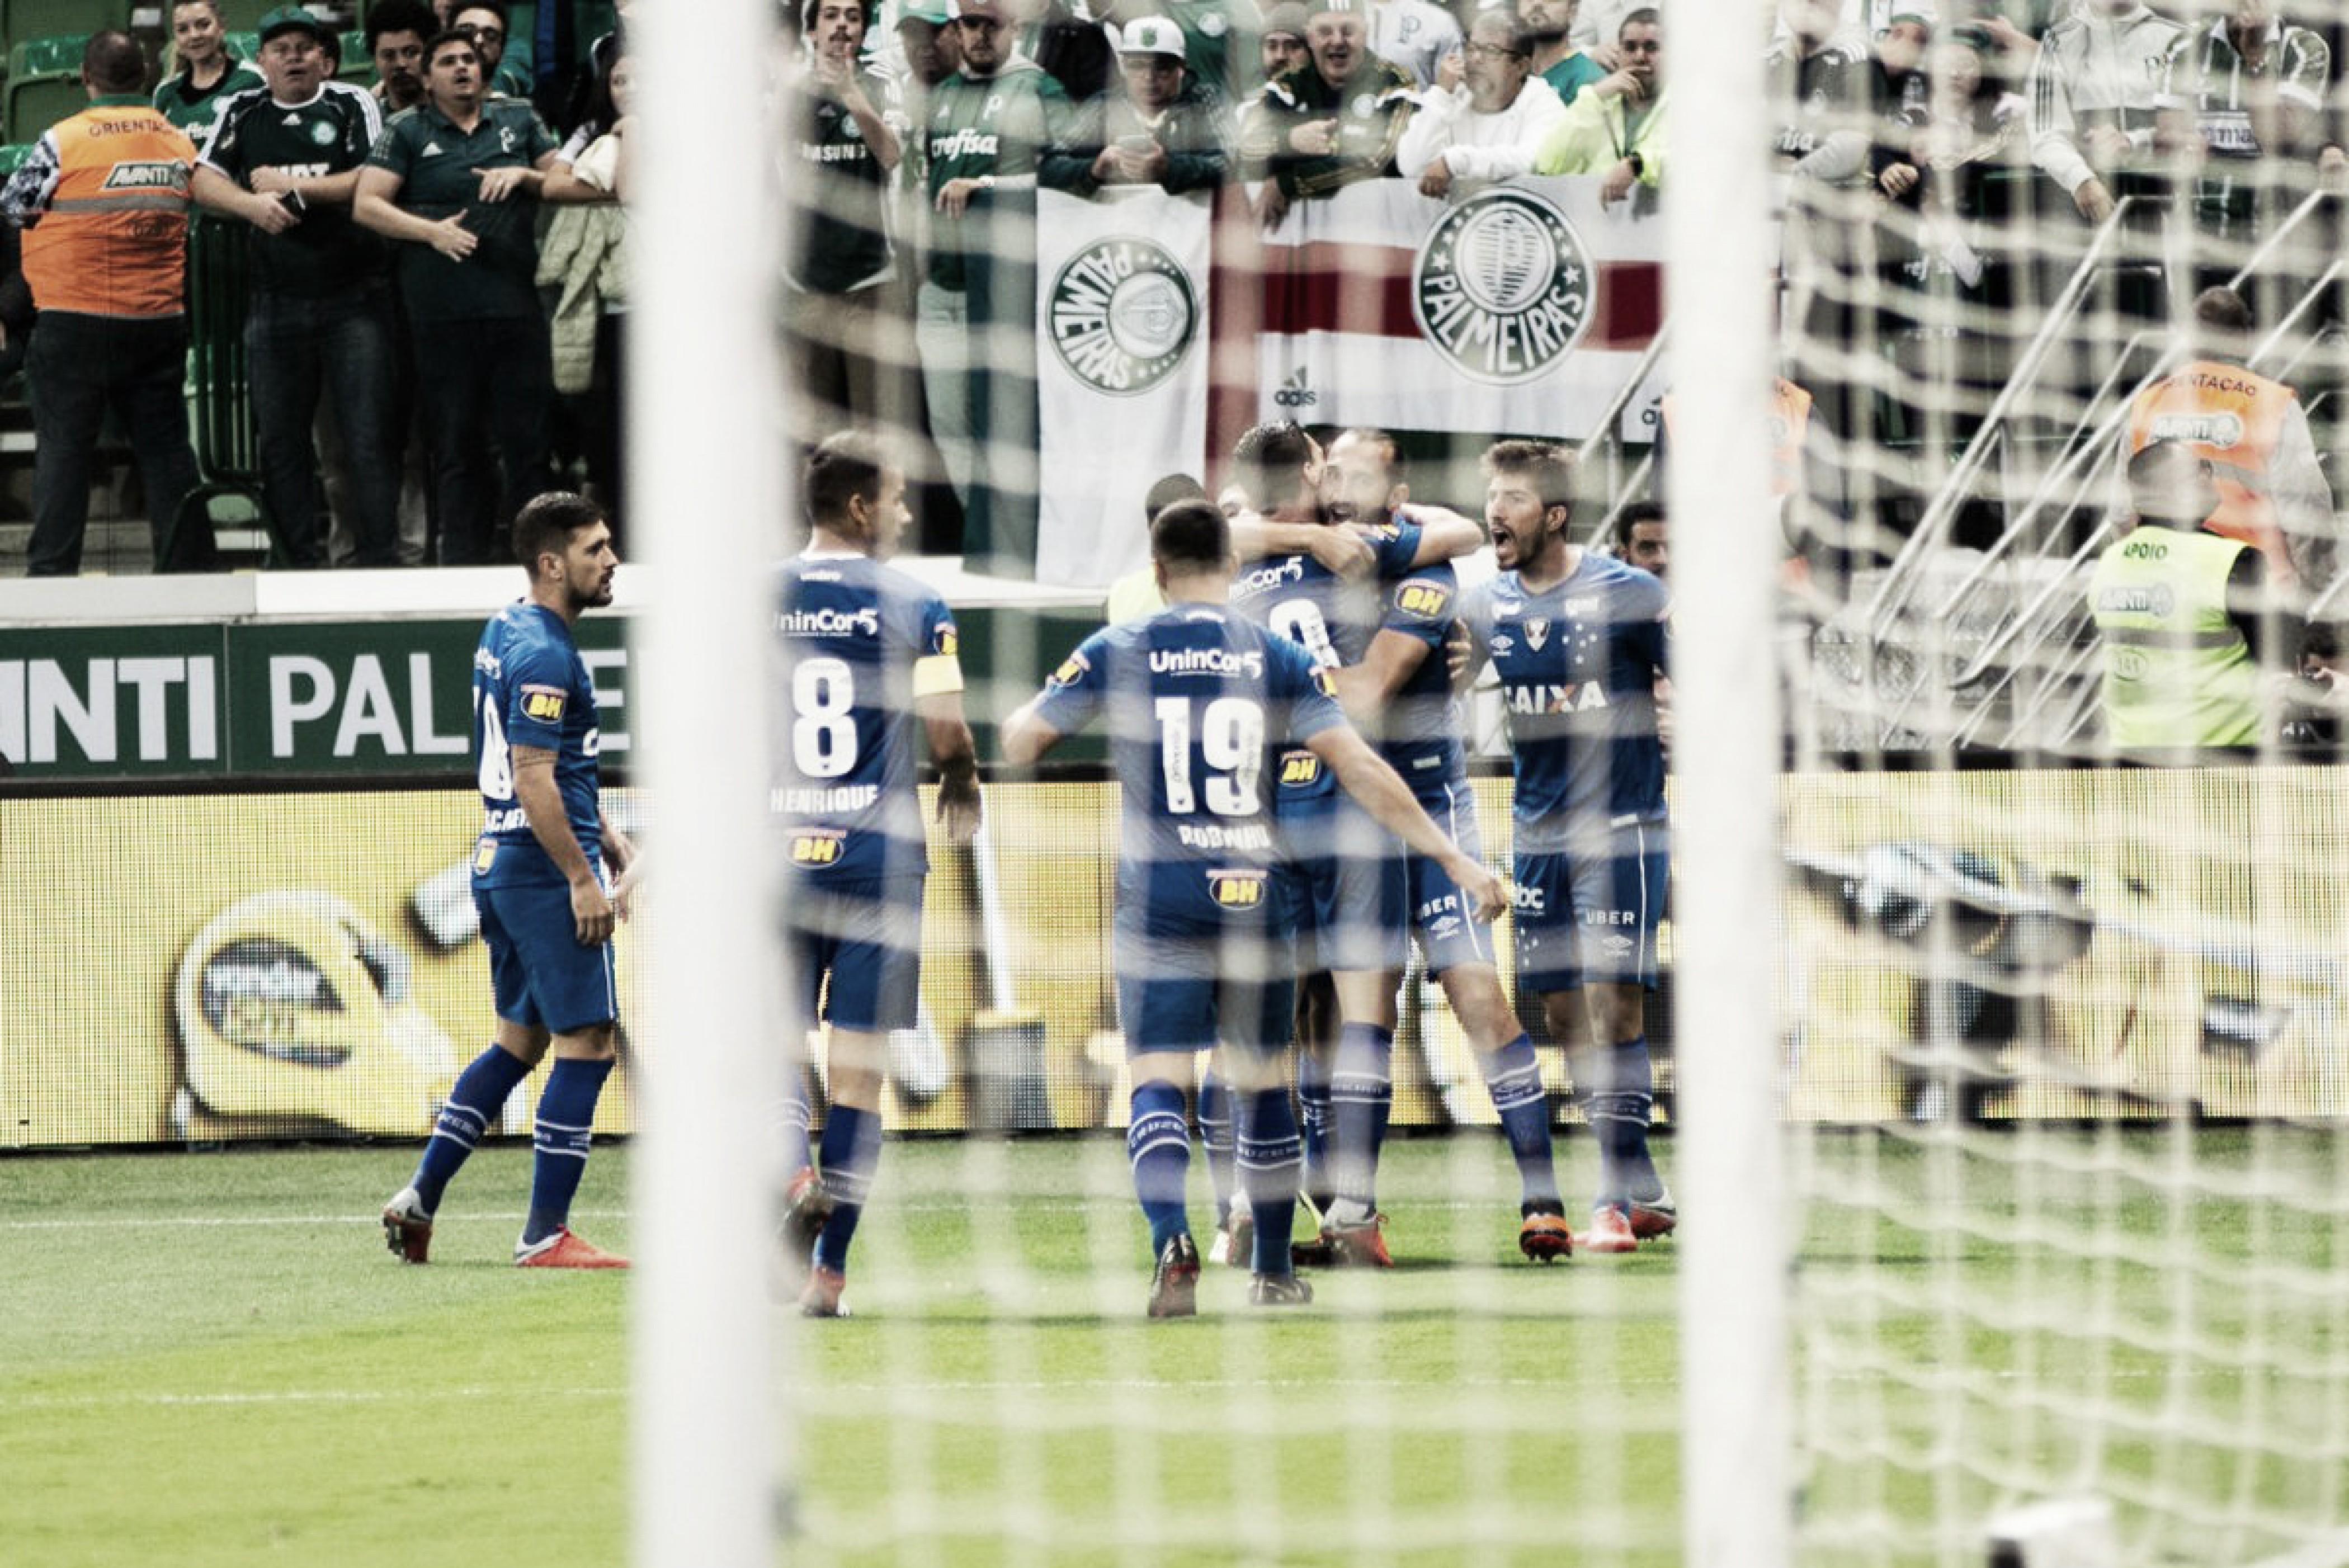 Com arbitragem polêmica, Cruzeiro vence Palmeiras e sai em vantagem na Copa do Brasil